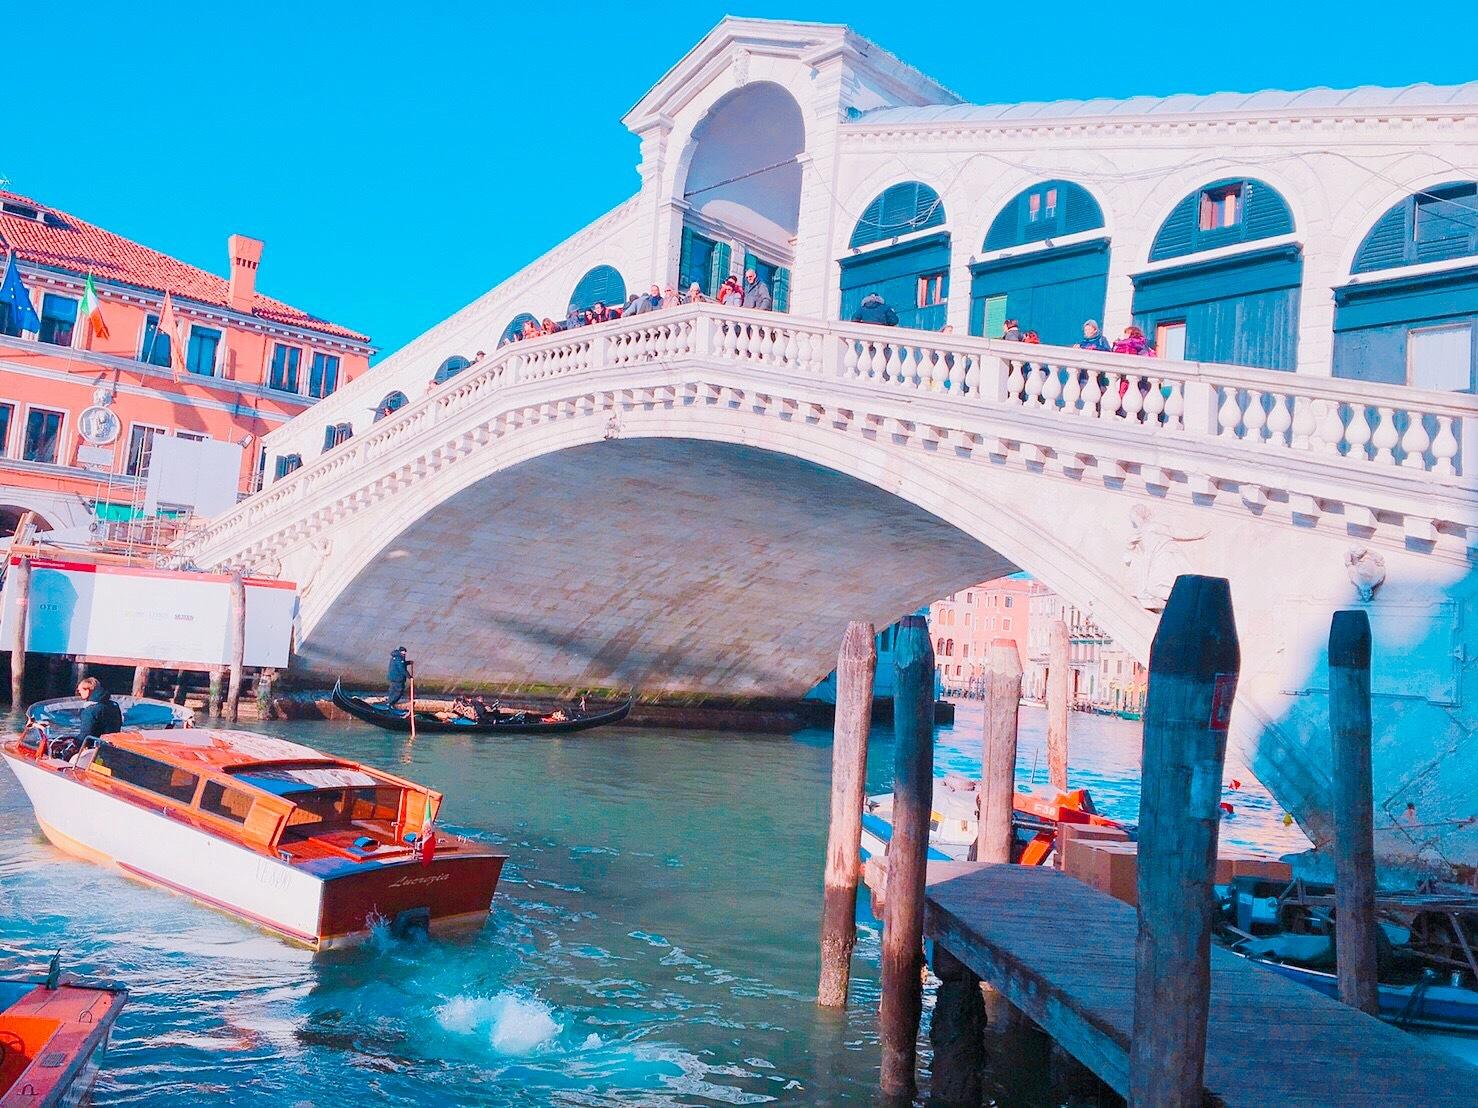 ロマンチックなイタリア旅行 --水の都【ベネチア】を観光--_1_4-2